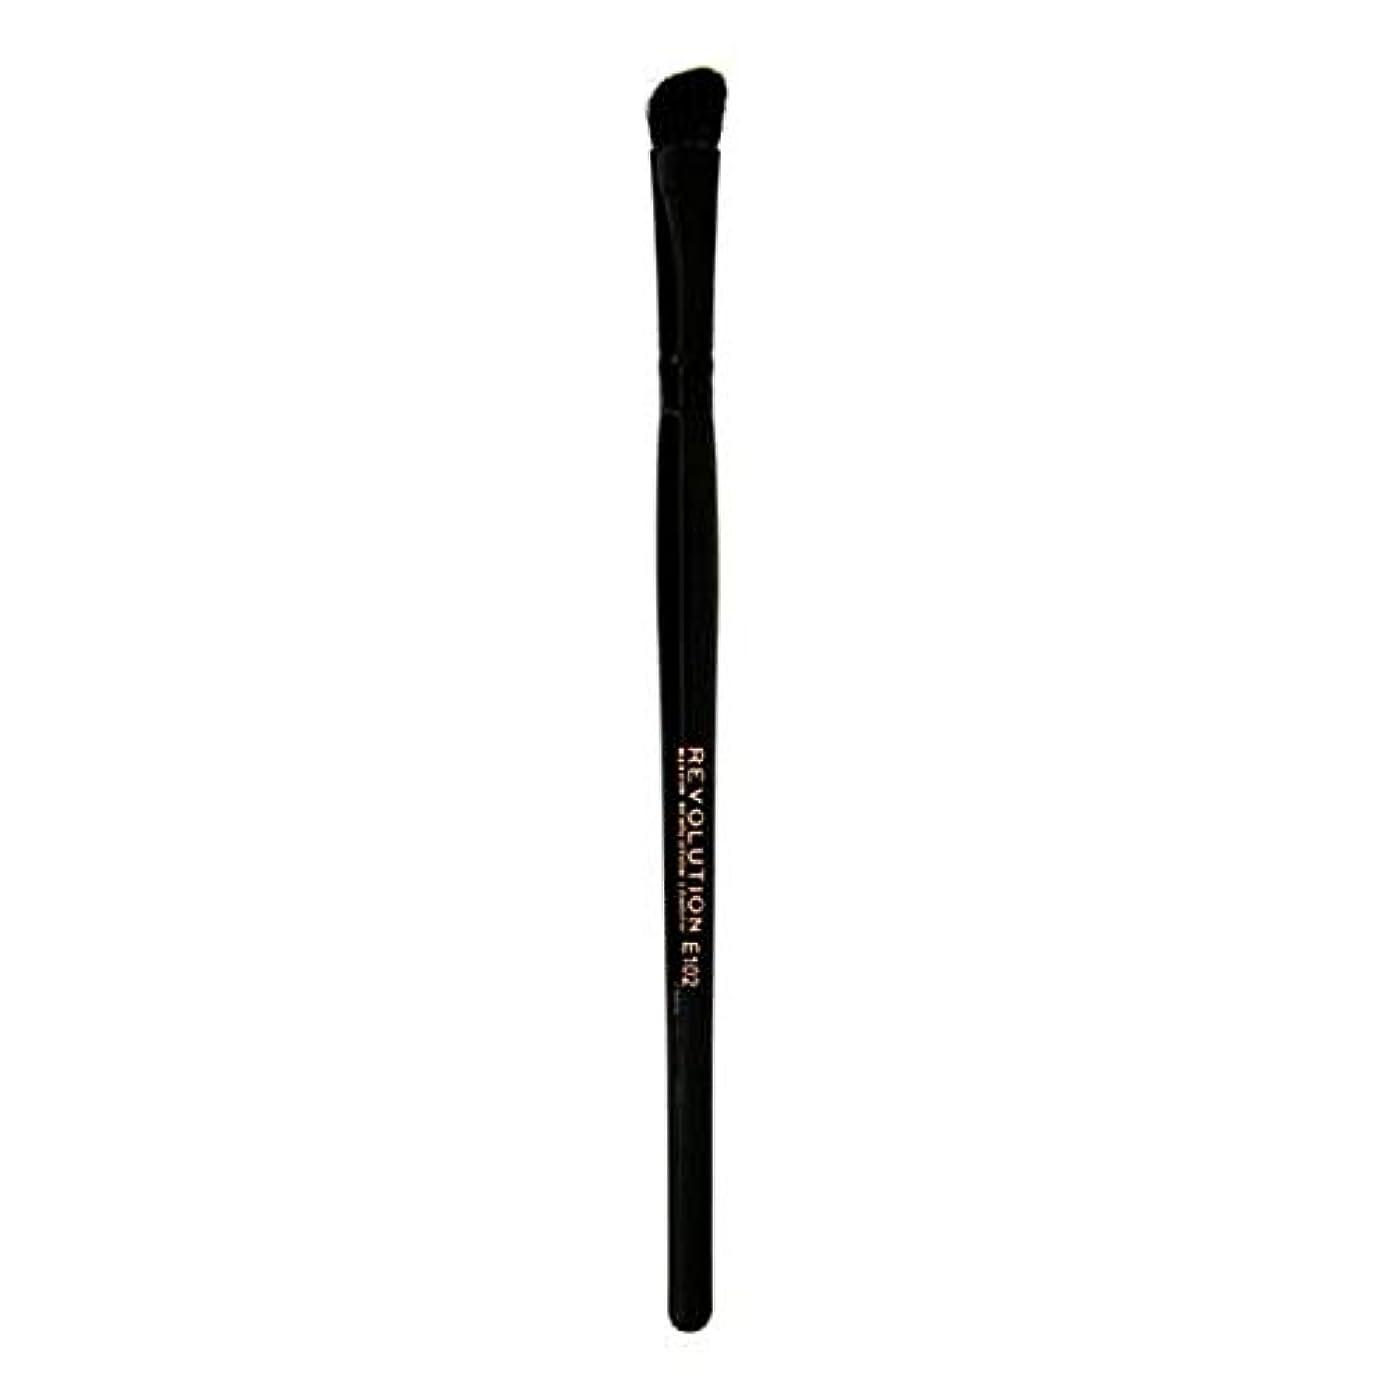 音節貴重なブースト[Revolution ] 革命プロE102アイシャドウの輪郭メイクブラシ - Revolution Pro E102 Eyeshadow Contour Makeup Brush [並行輸入品]